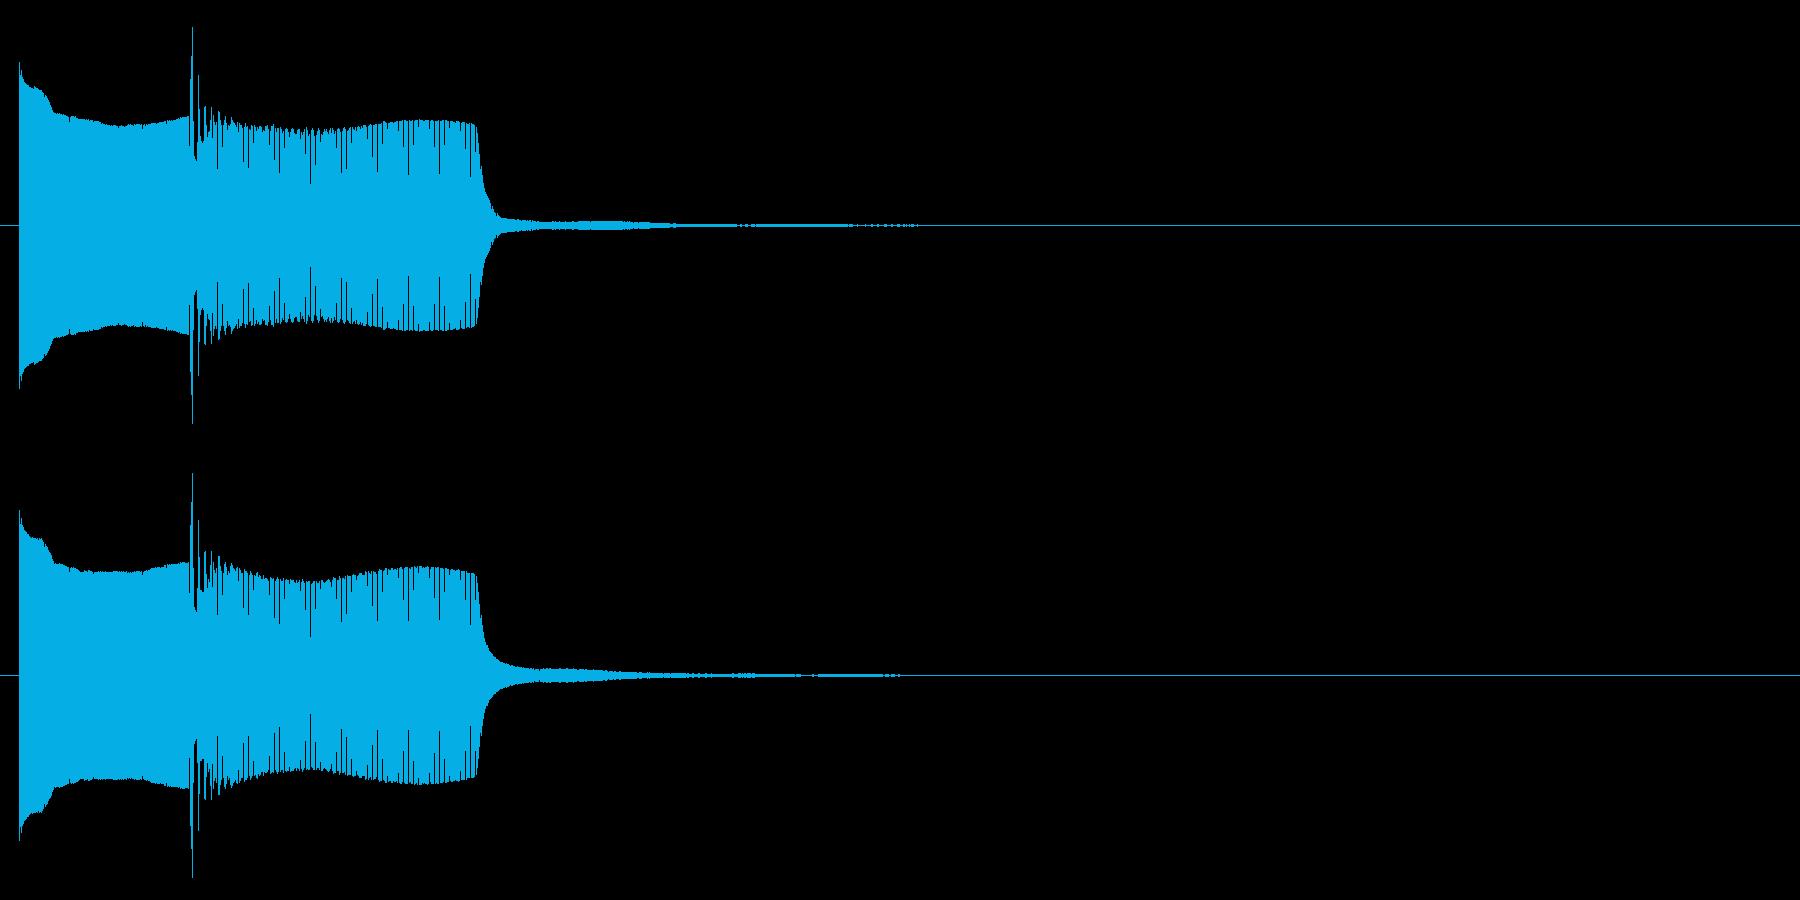 電子音系 キャンセル音3(小)の再生済みの波形